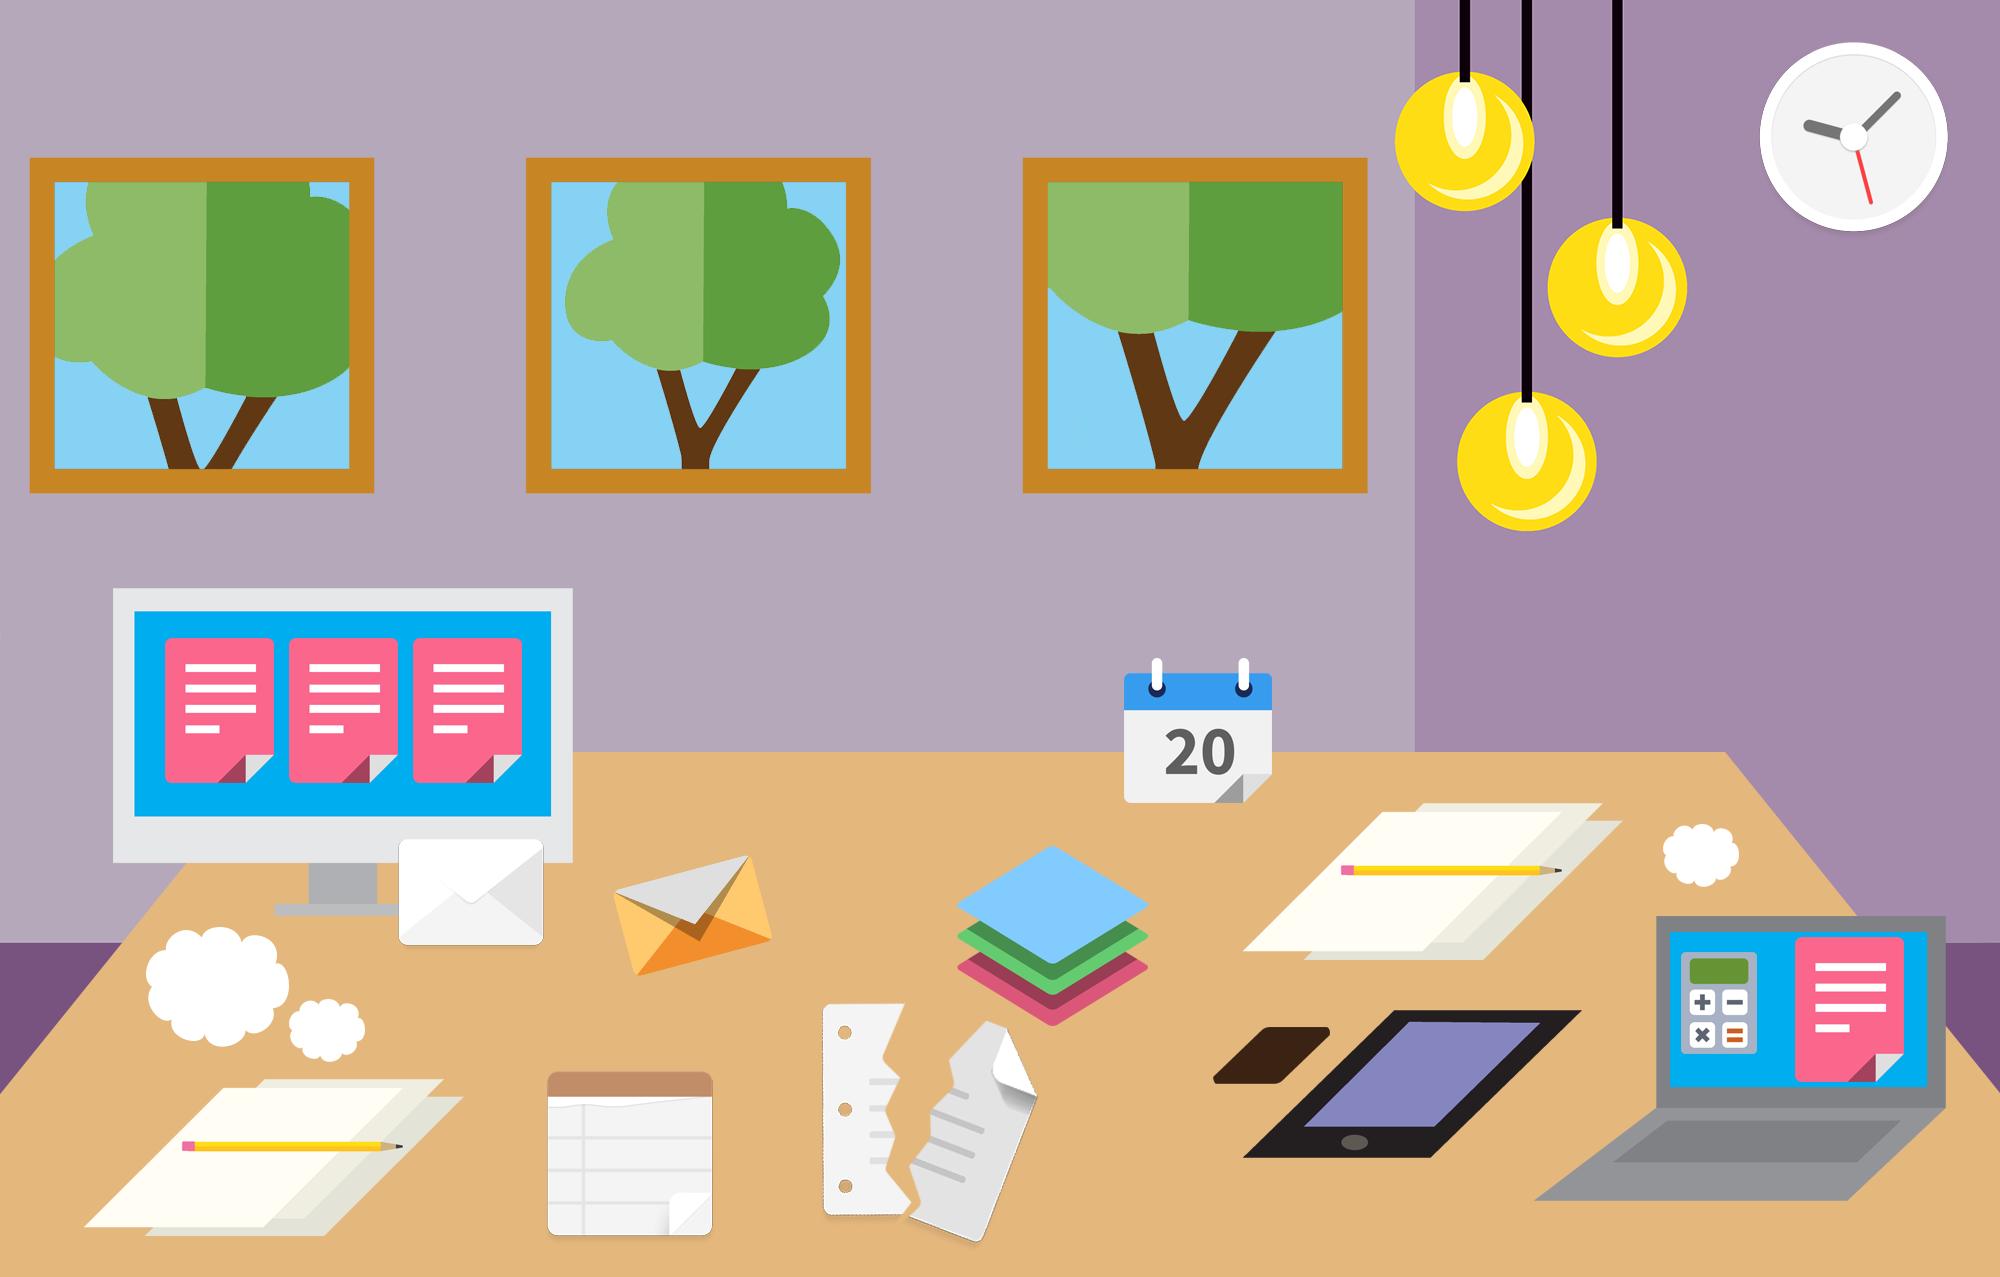 Unordentlicher Schreibtisch mit Papier, Stiften, einem Kalender auf Papier, einem Bildschirm, einem Laptop und einem Telefon